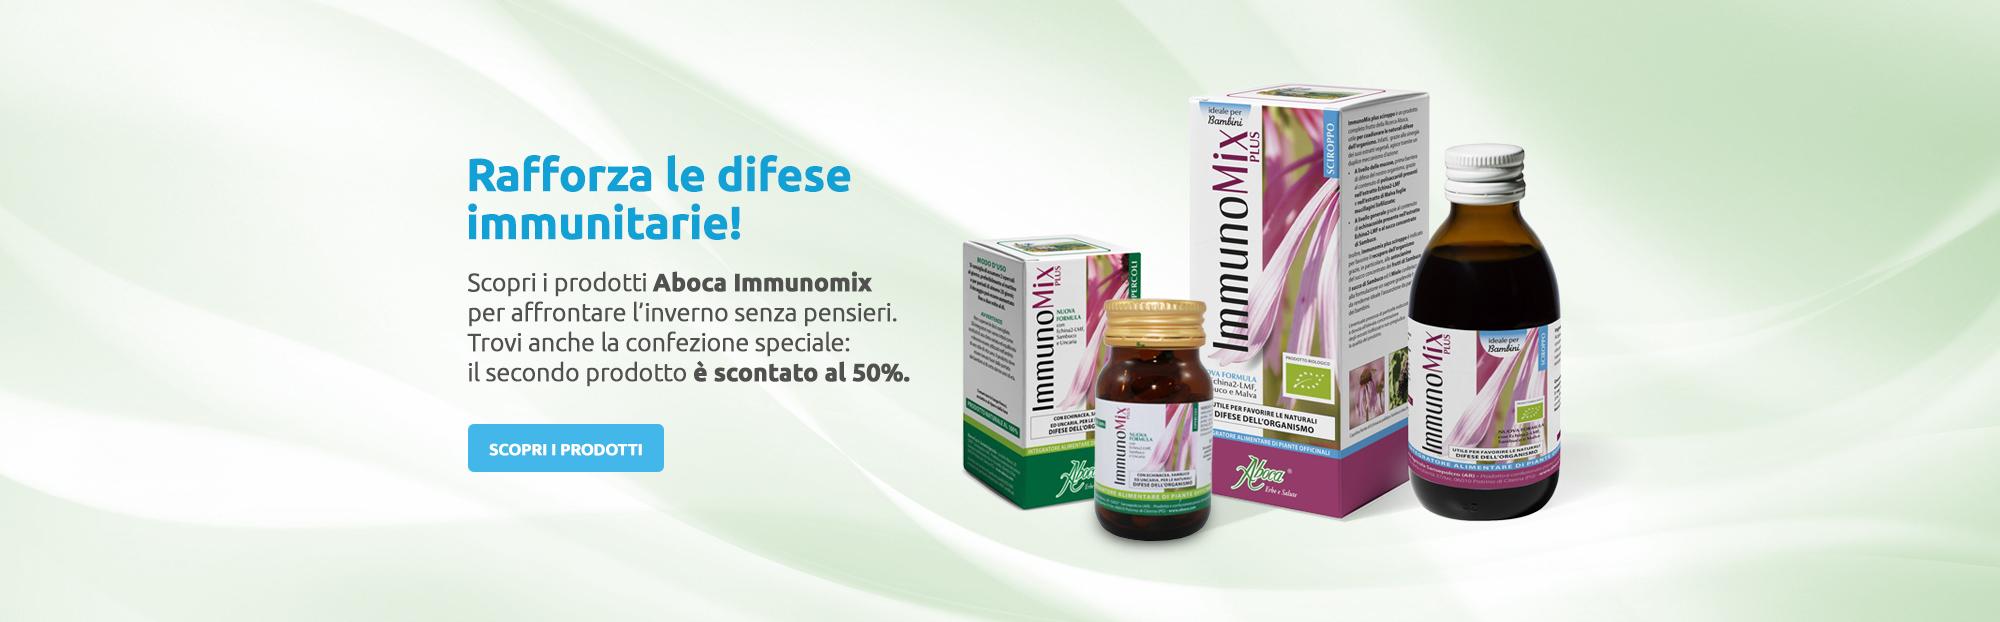 immunimix